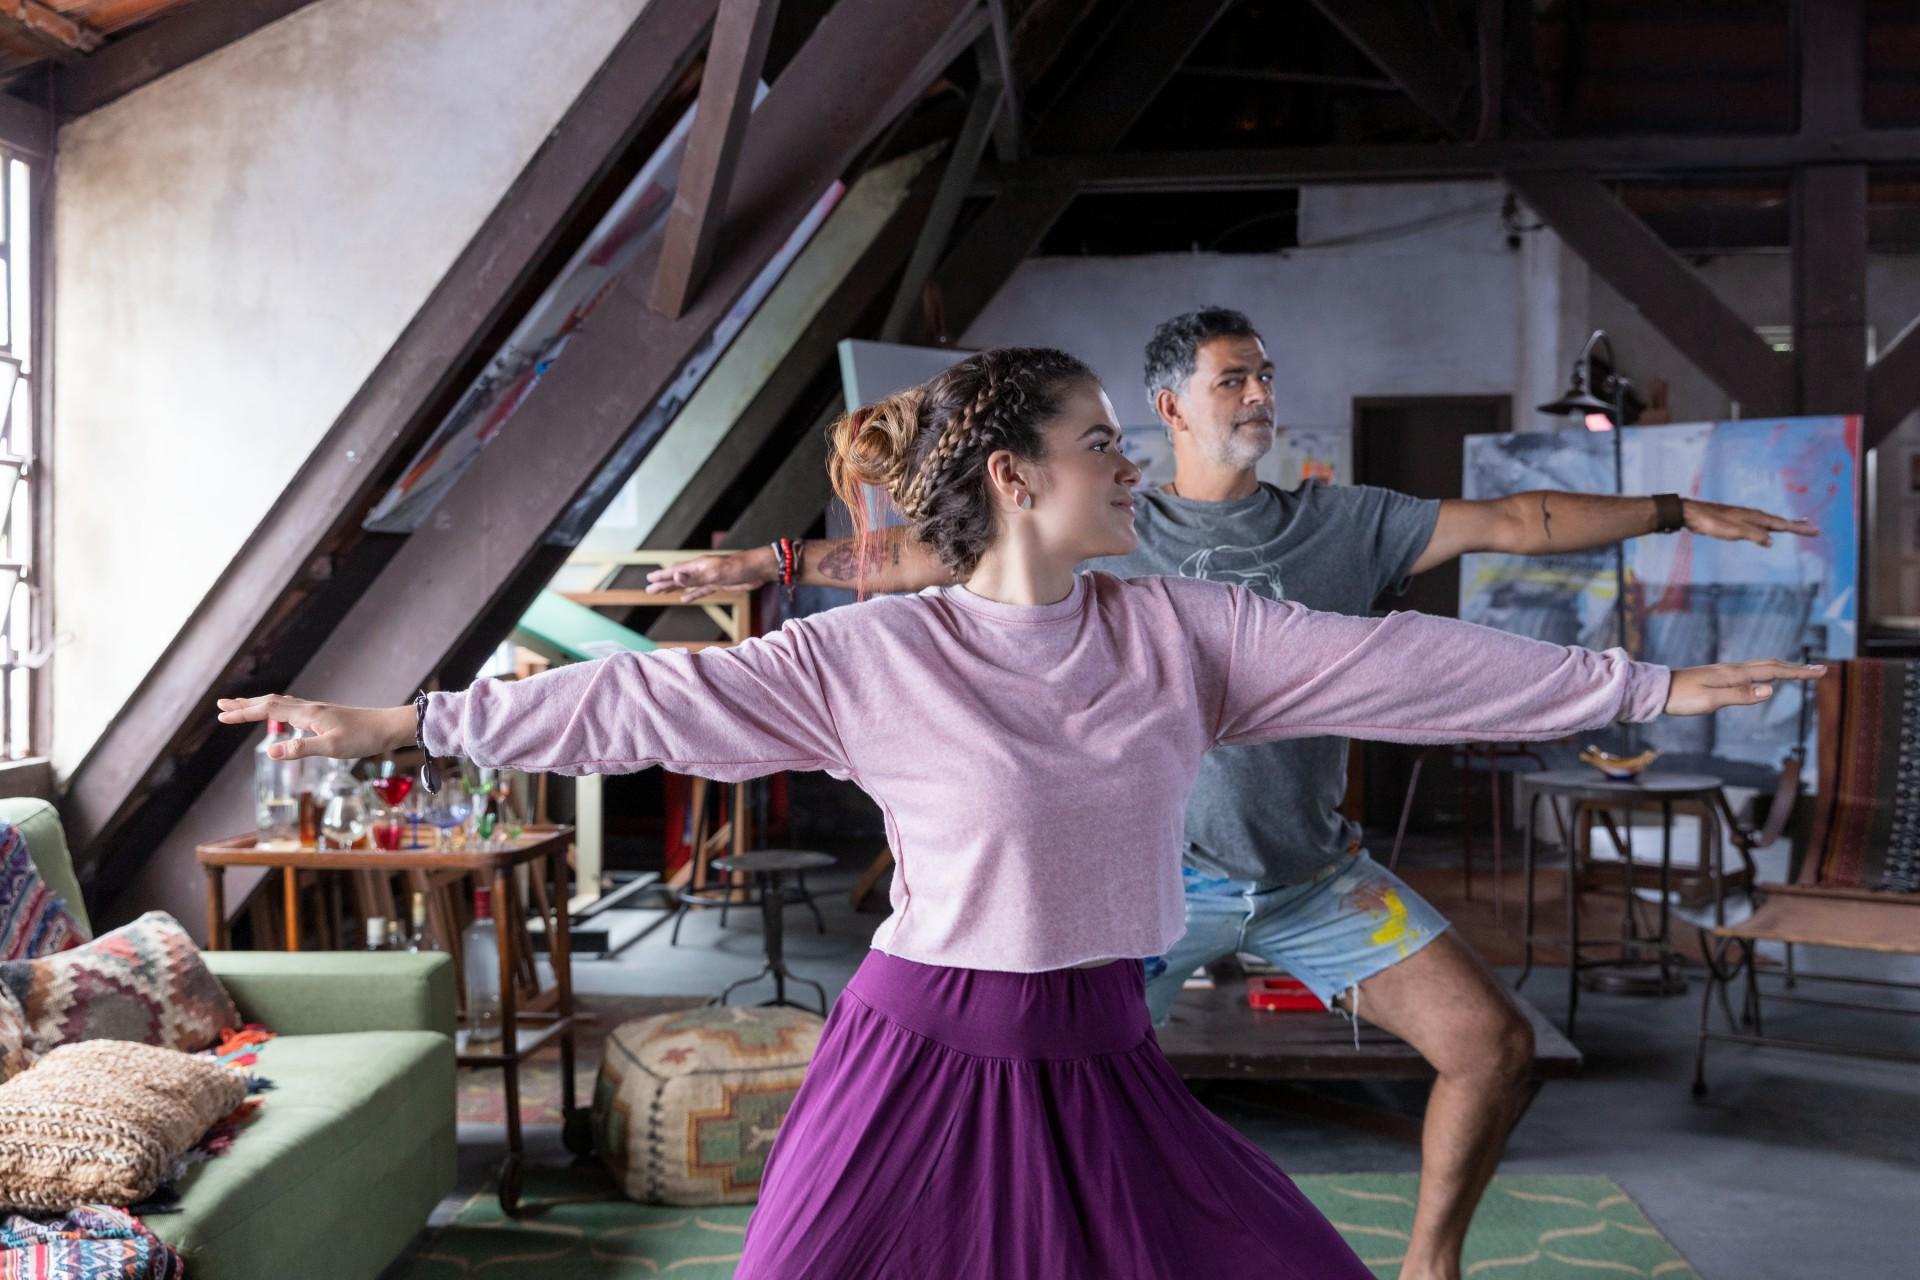 Eduardo Moscovis, de 'Bom Dia, Verônica', integra o elenco de 'Pai em Dobro' (Foto: SUZANNA TIERIE/NETFLIX)